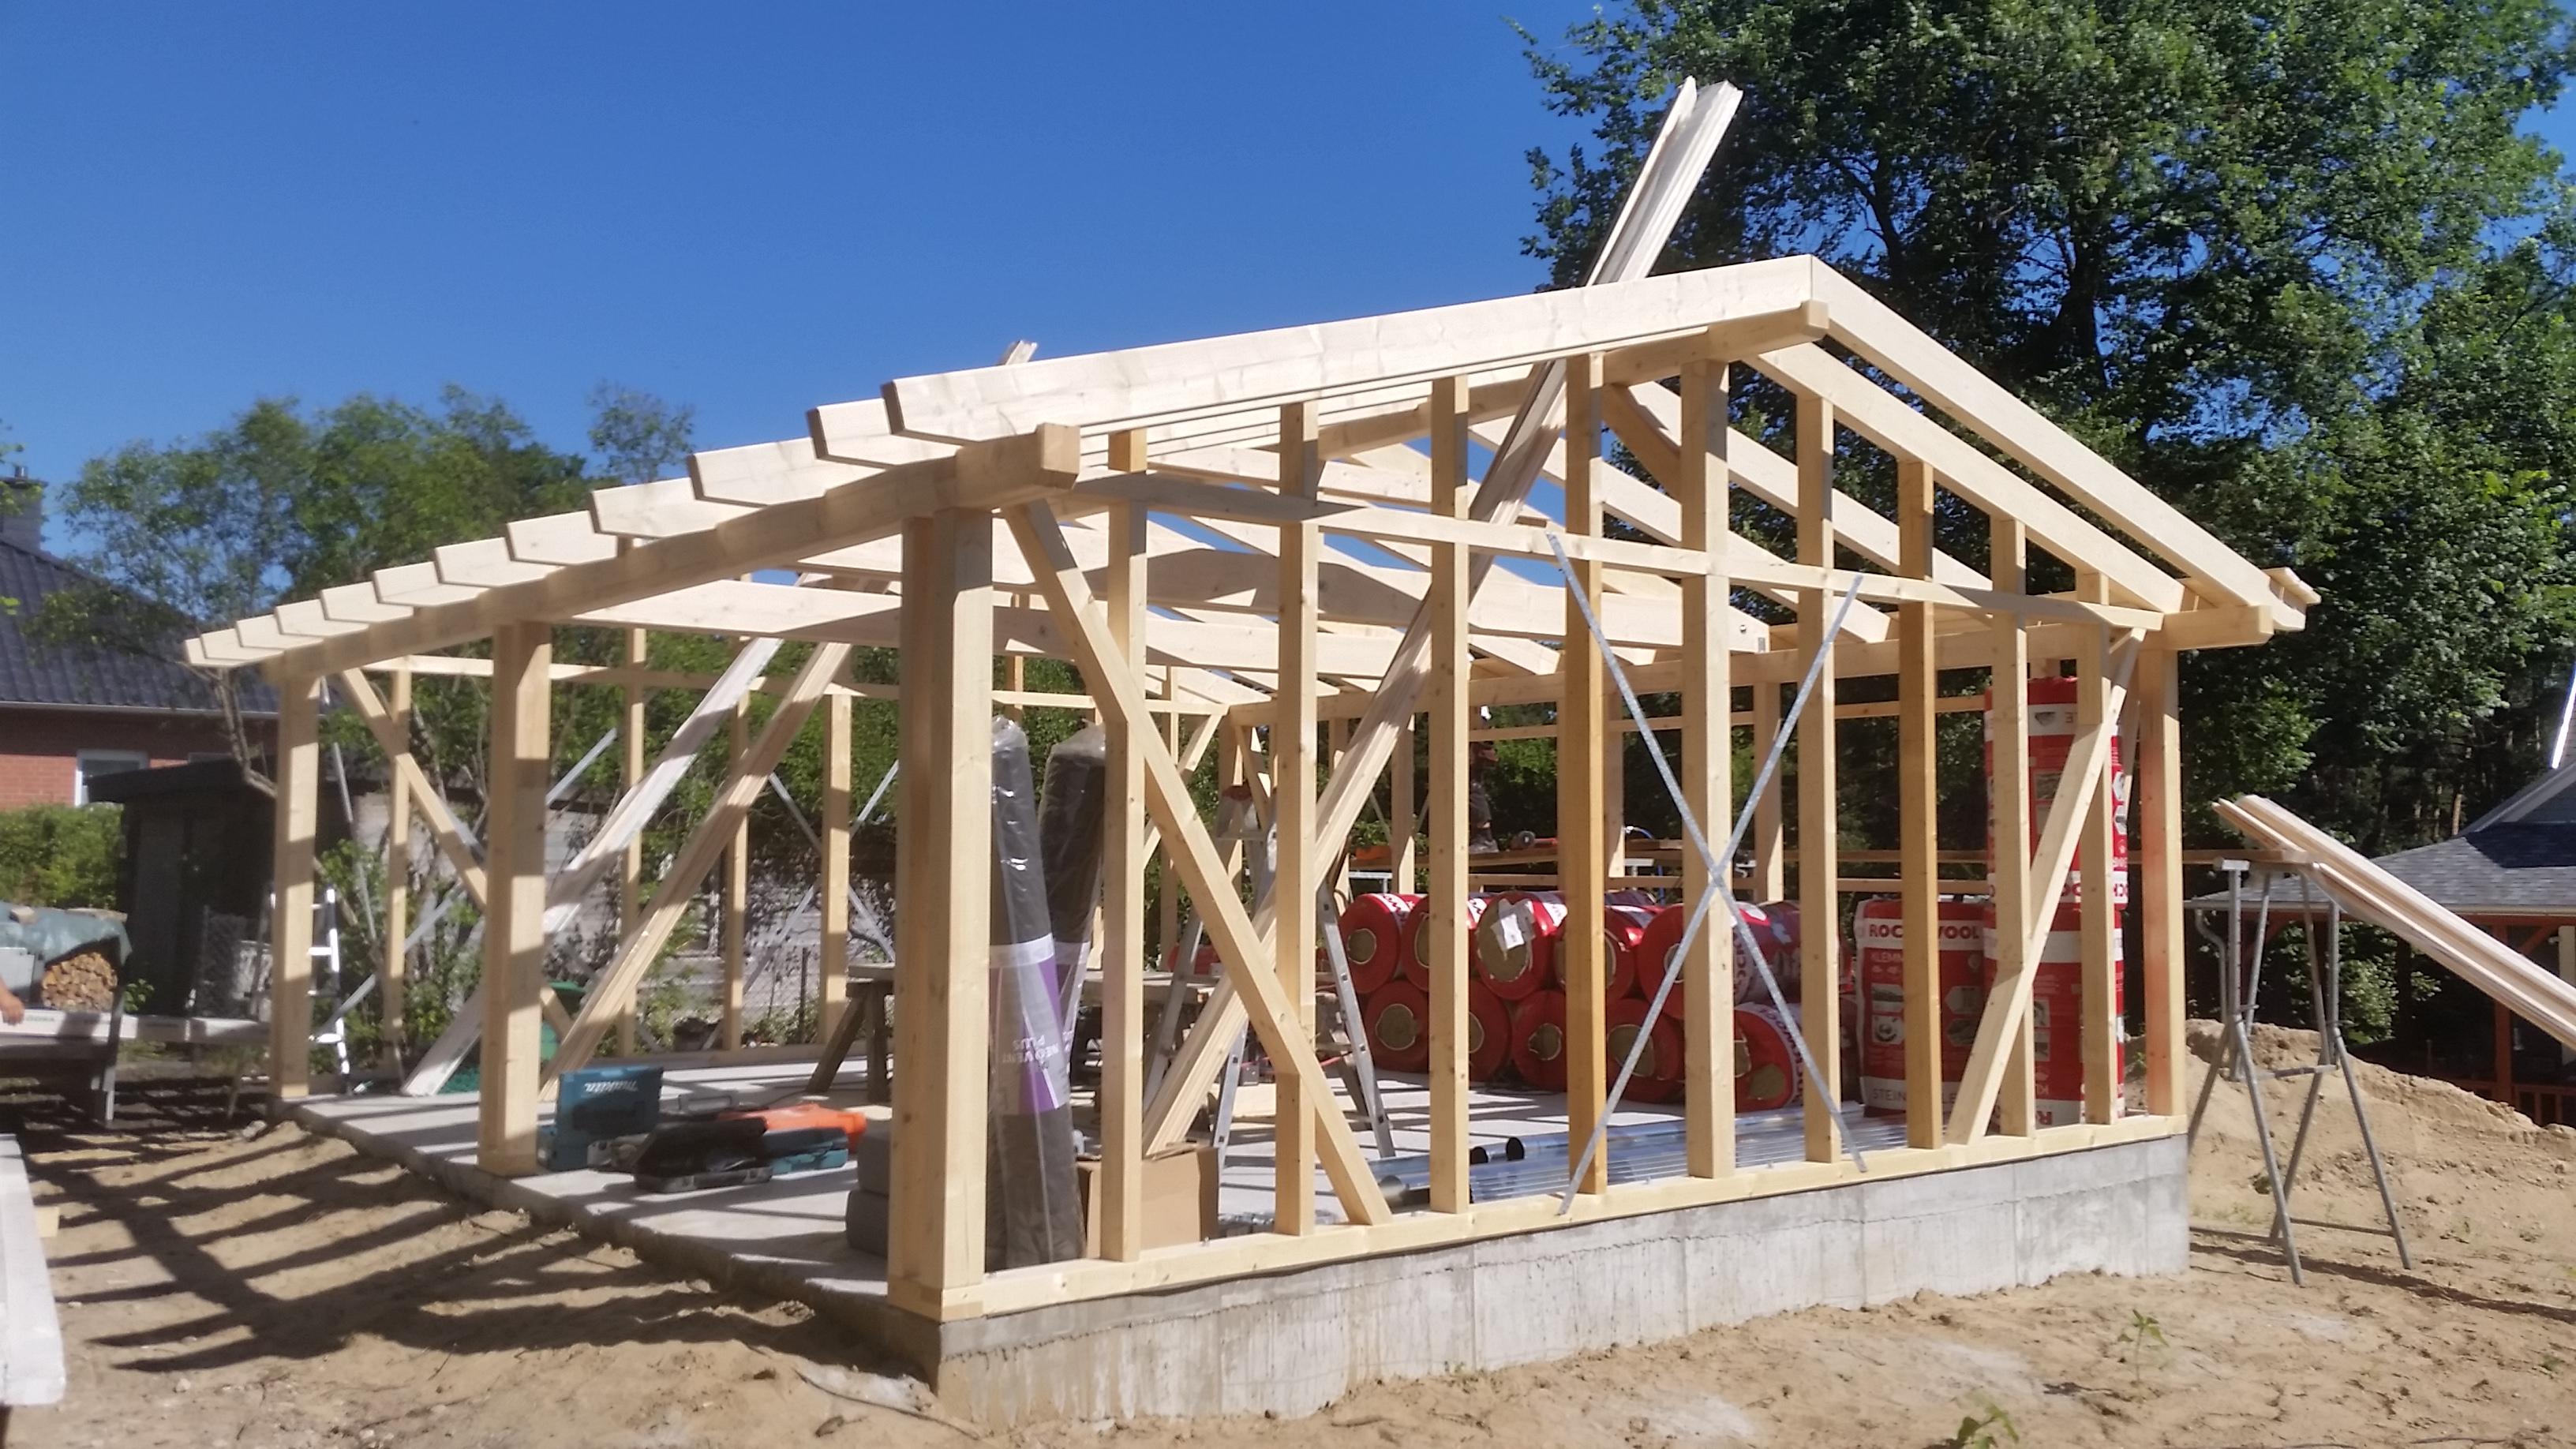 Garage in Holzständerbauweise_002